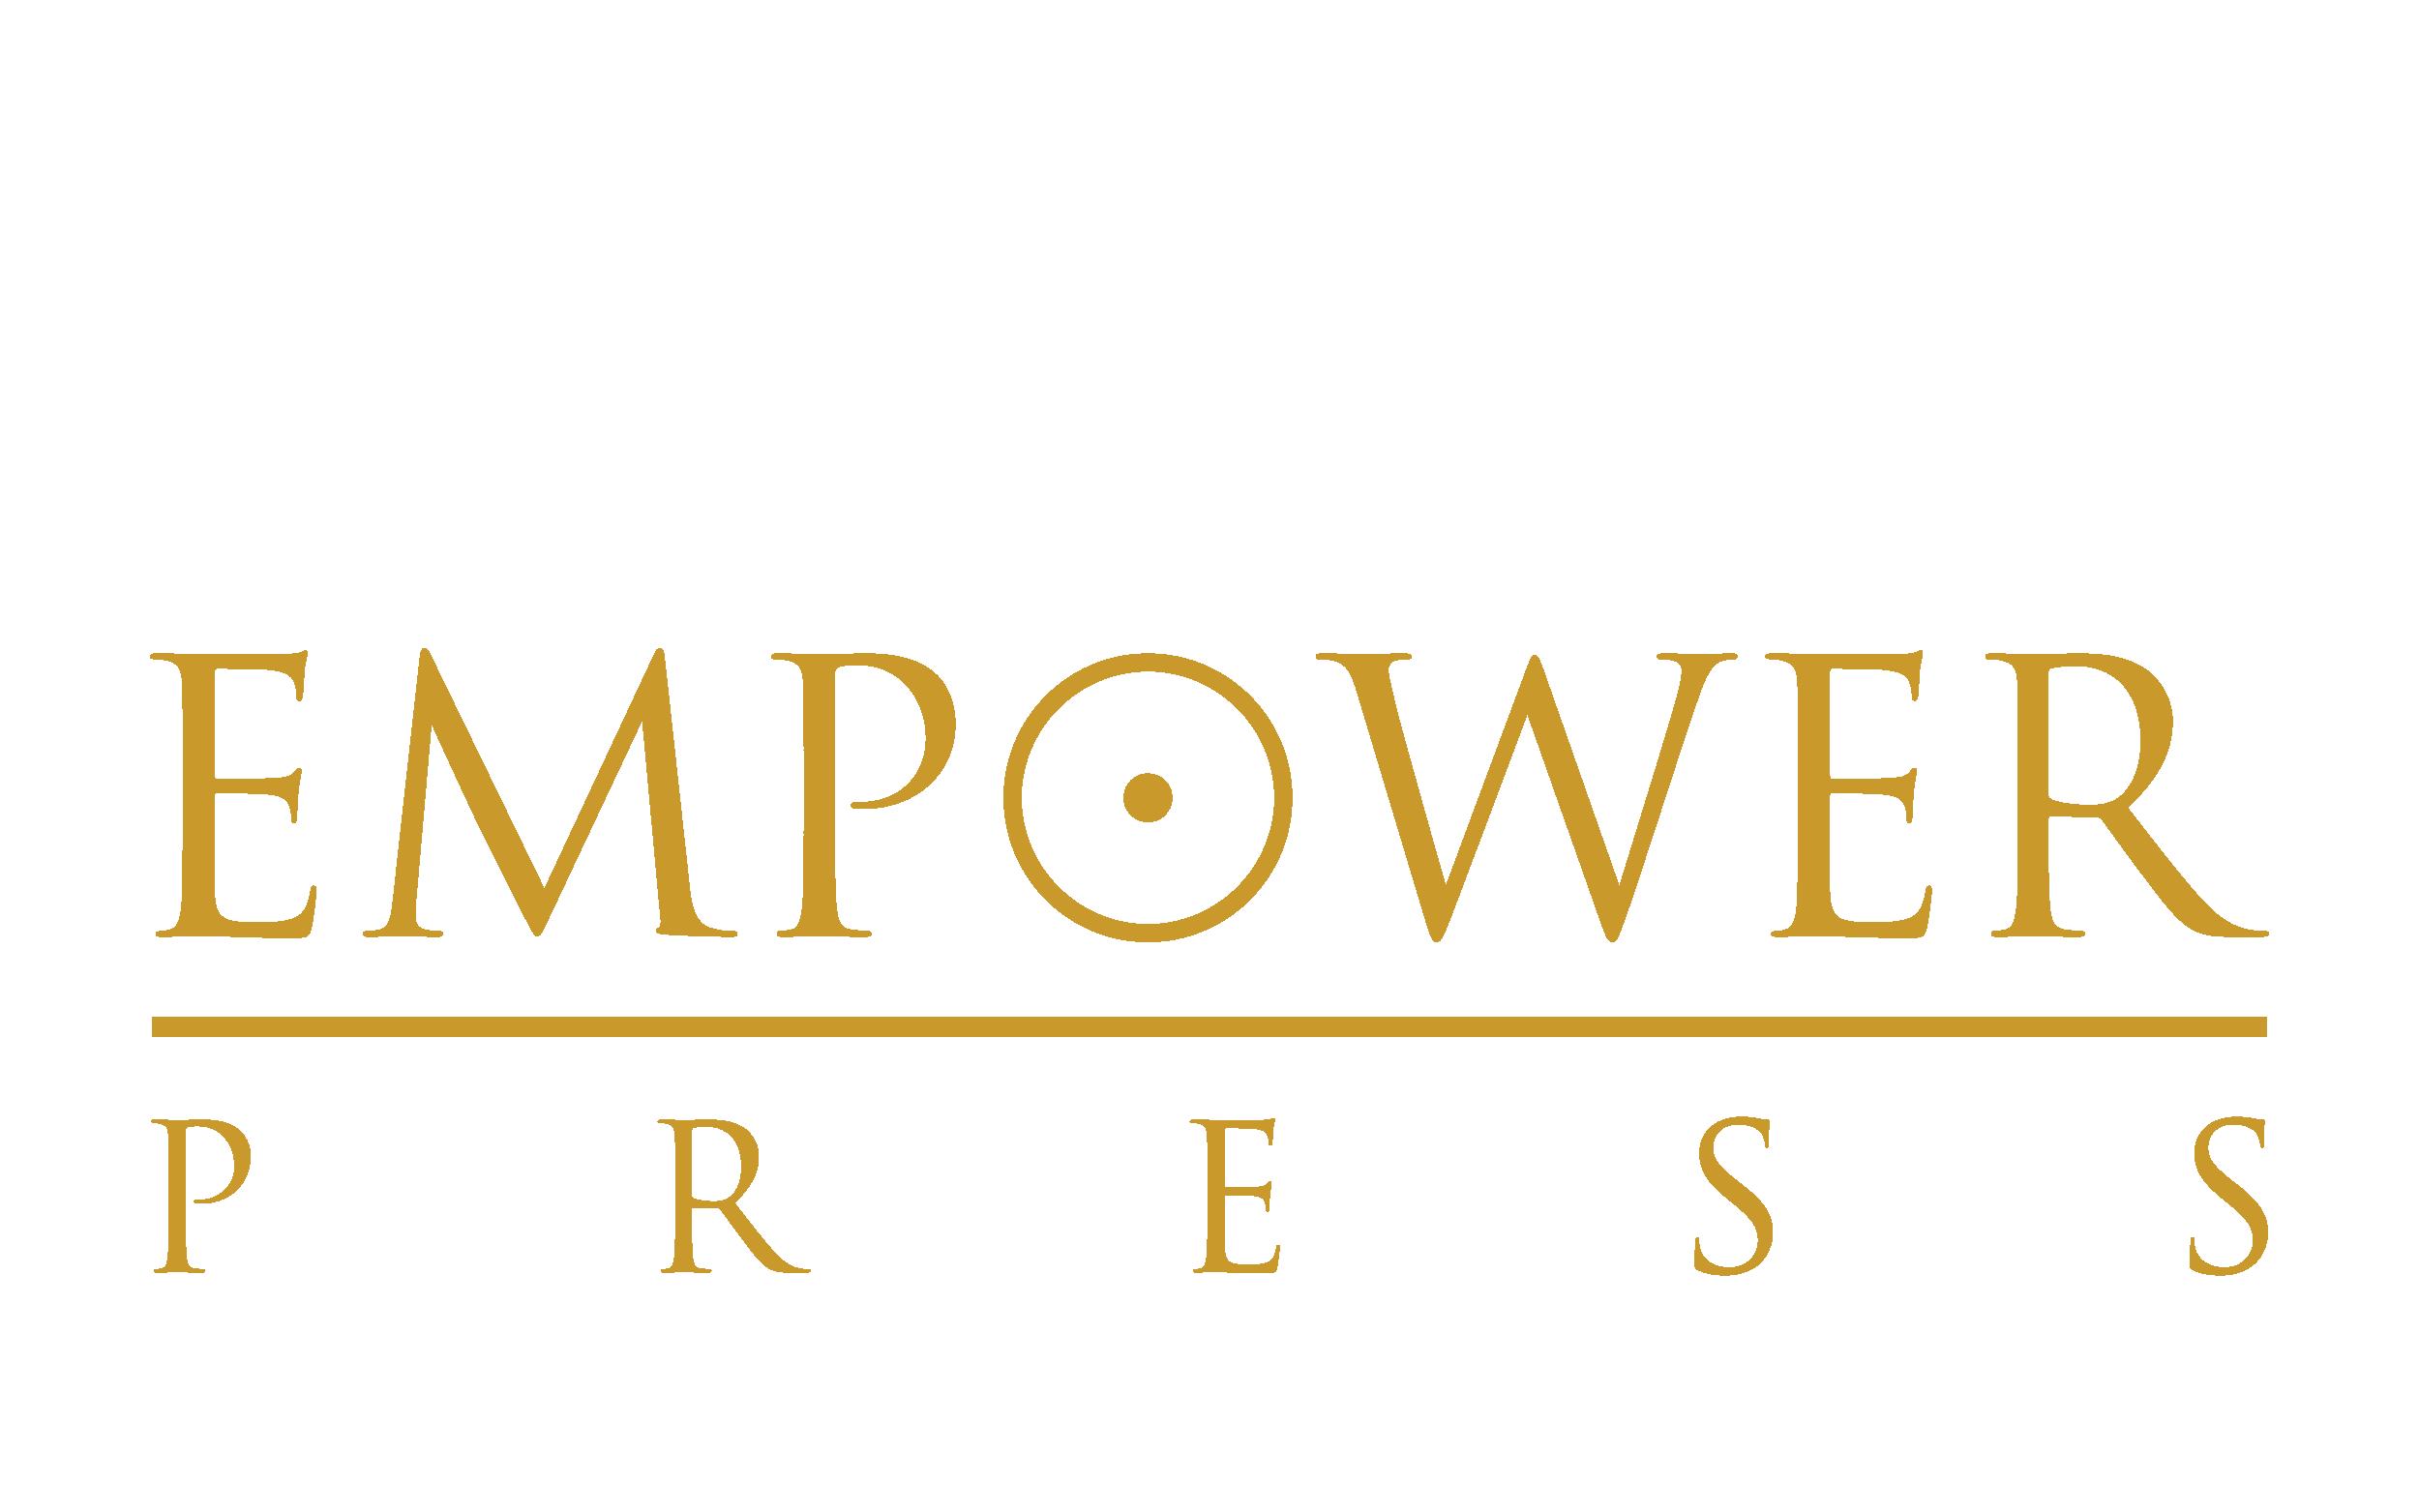 Empower Press